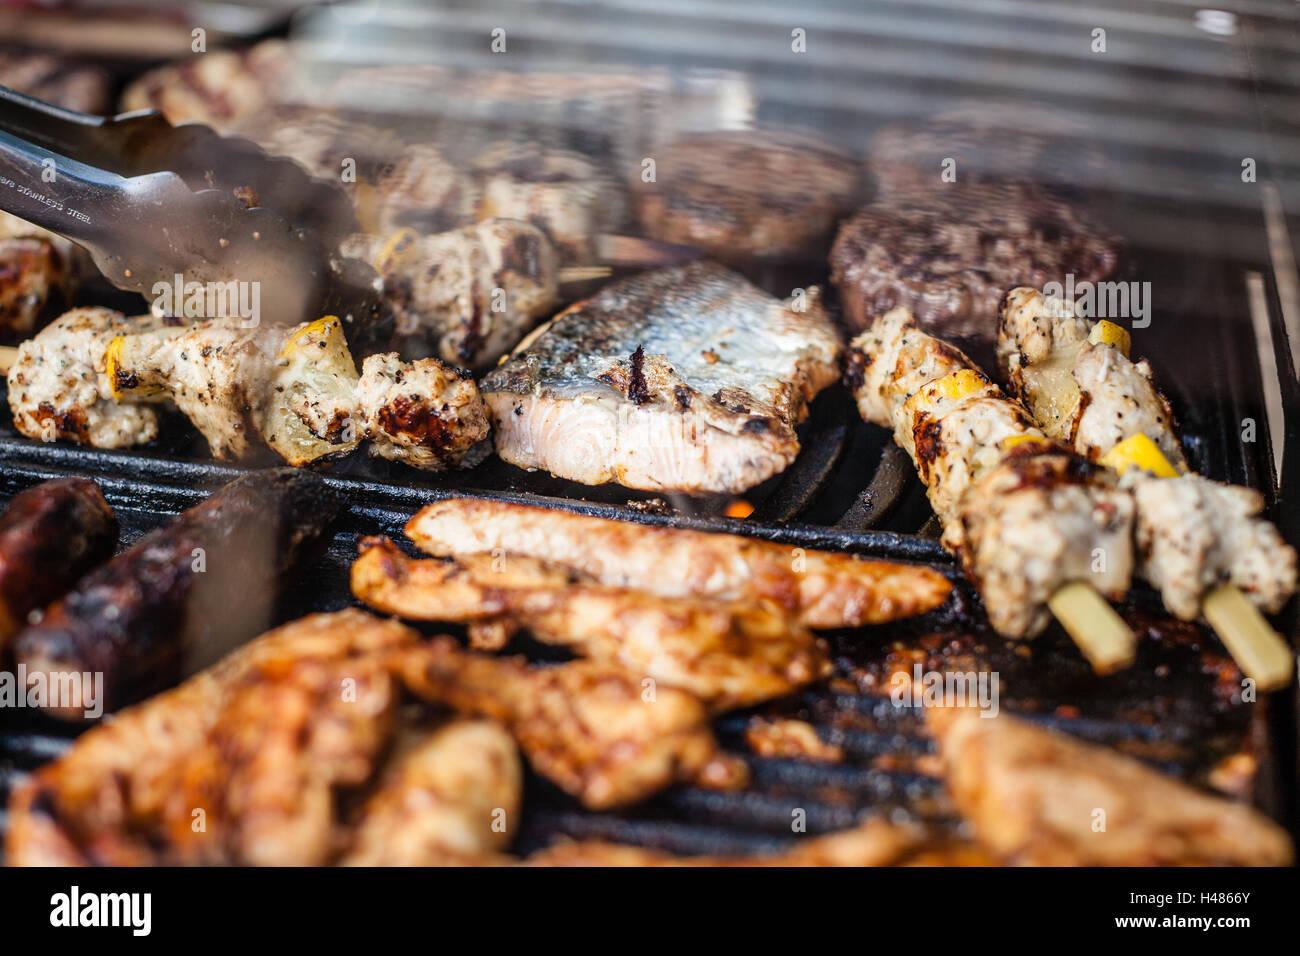 Fisch Gasgrill : Verschiedene fleisch und fisch grillen auf einen gas grill im garten